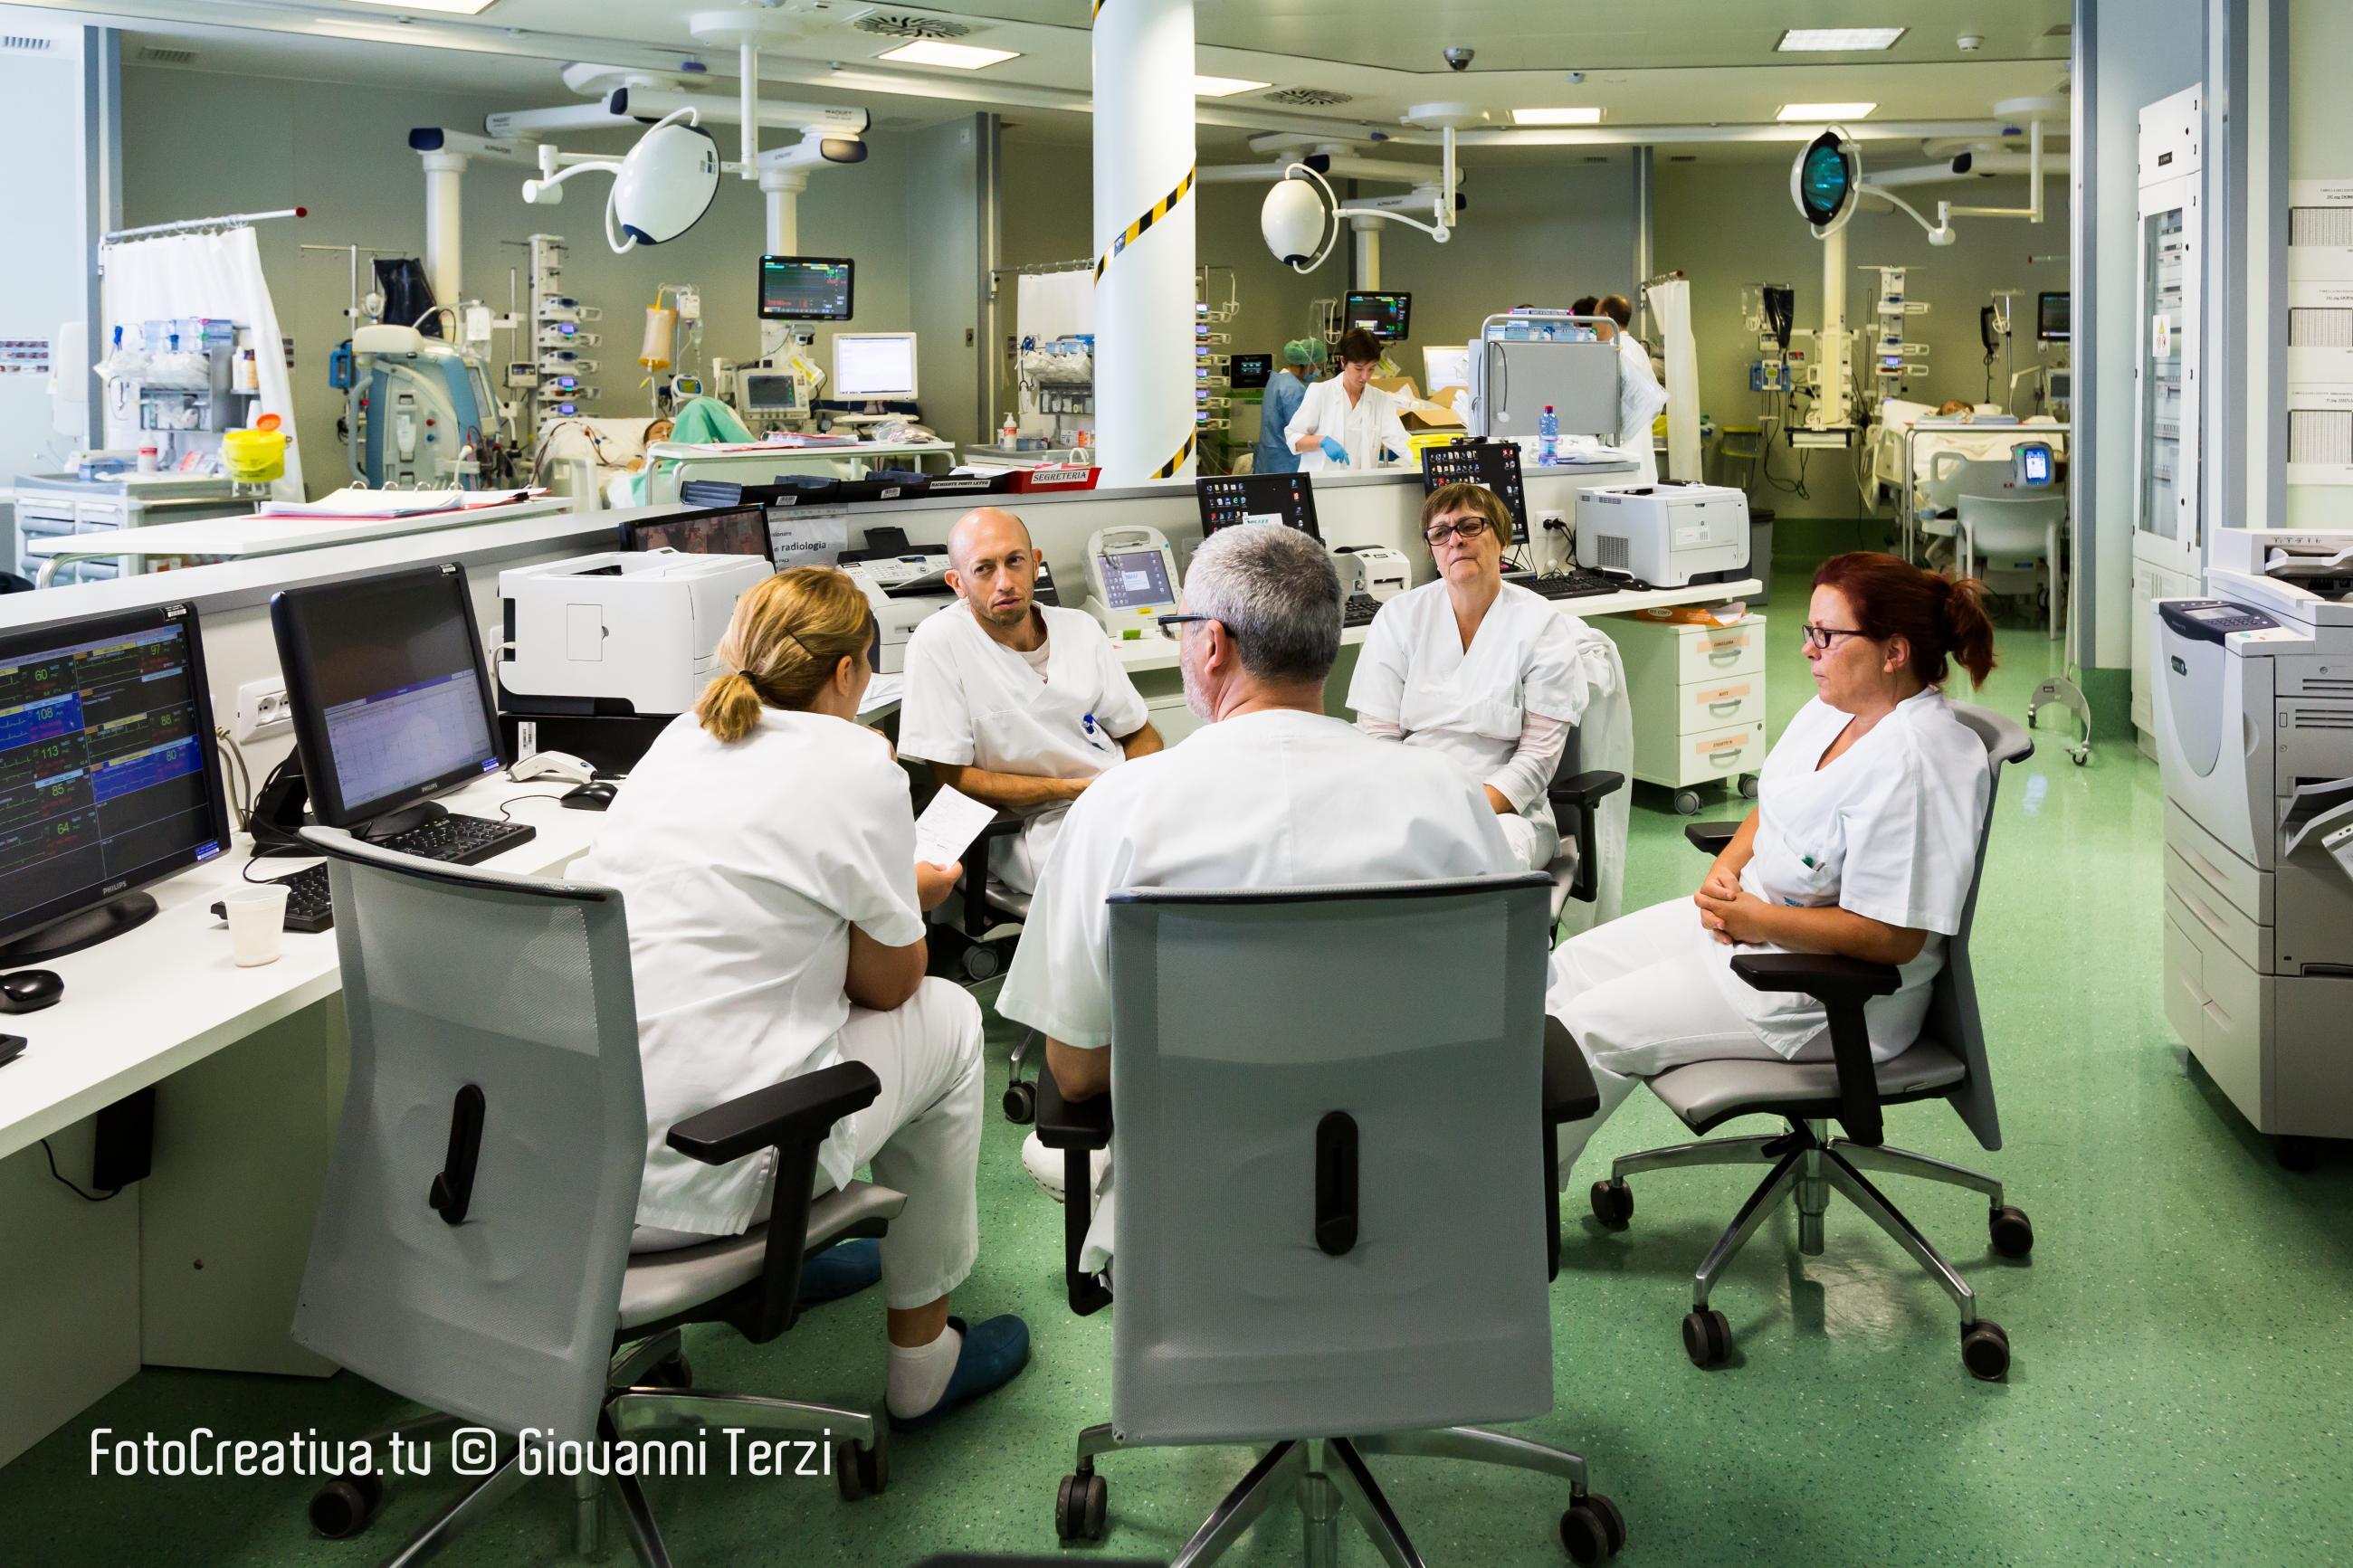 ospedalepgxxiii-giovanni-diffidenti